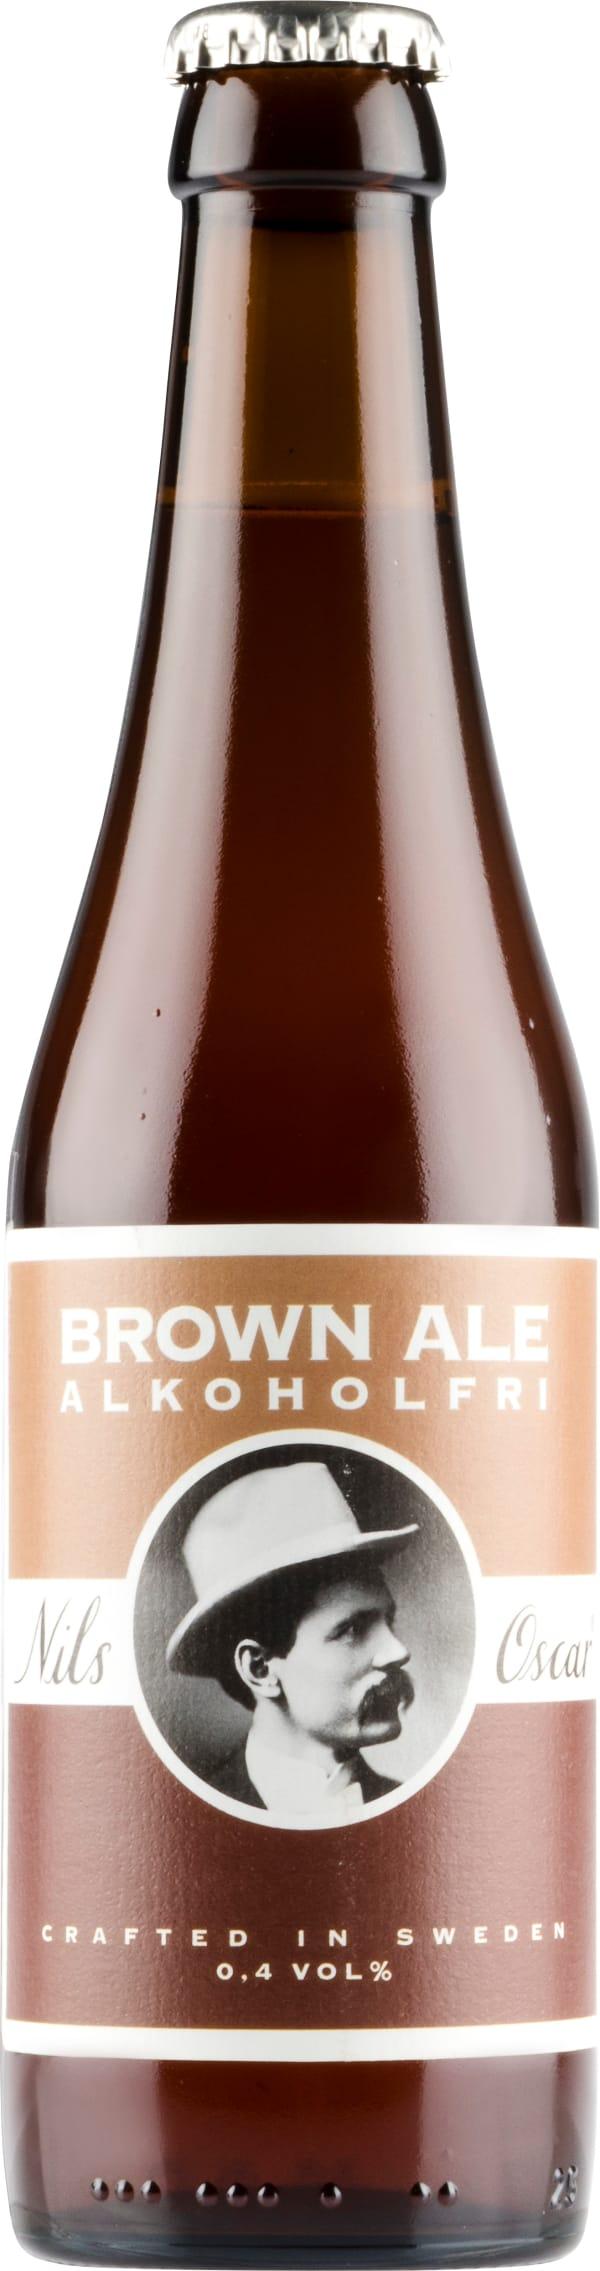 Nils Oscar Alkoholfri Brown Ale